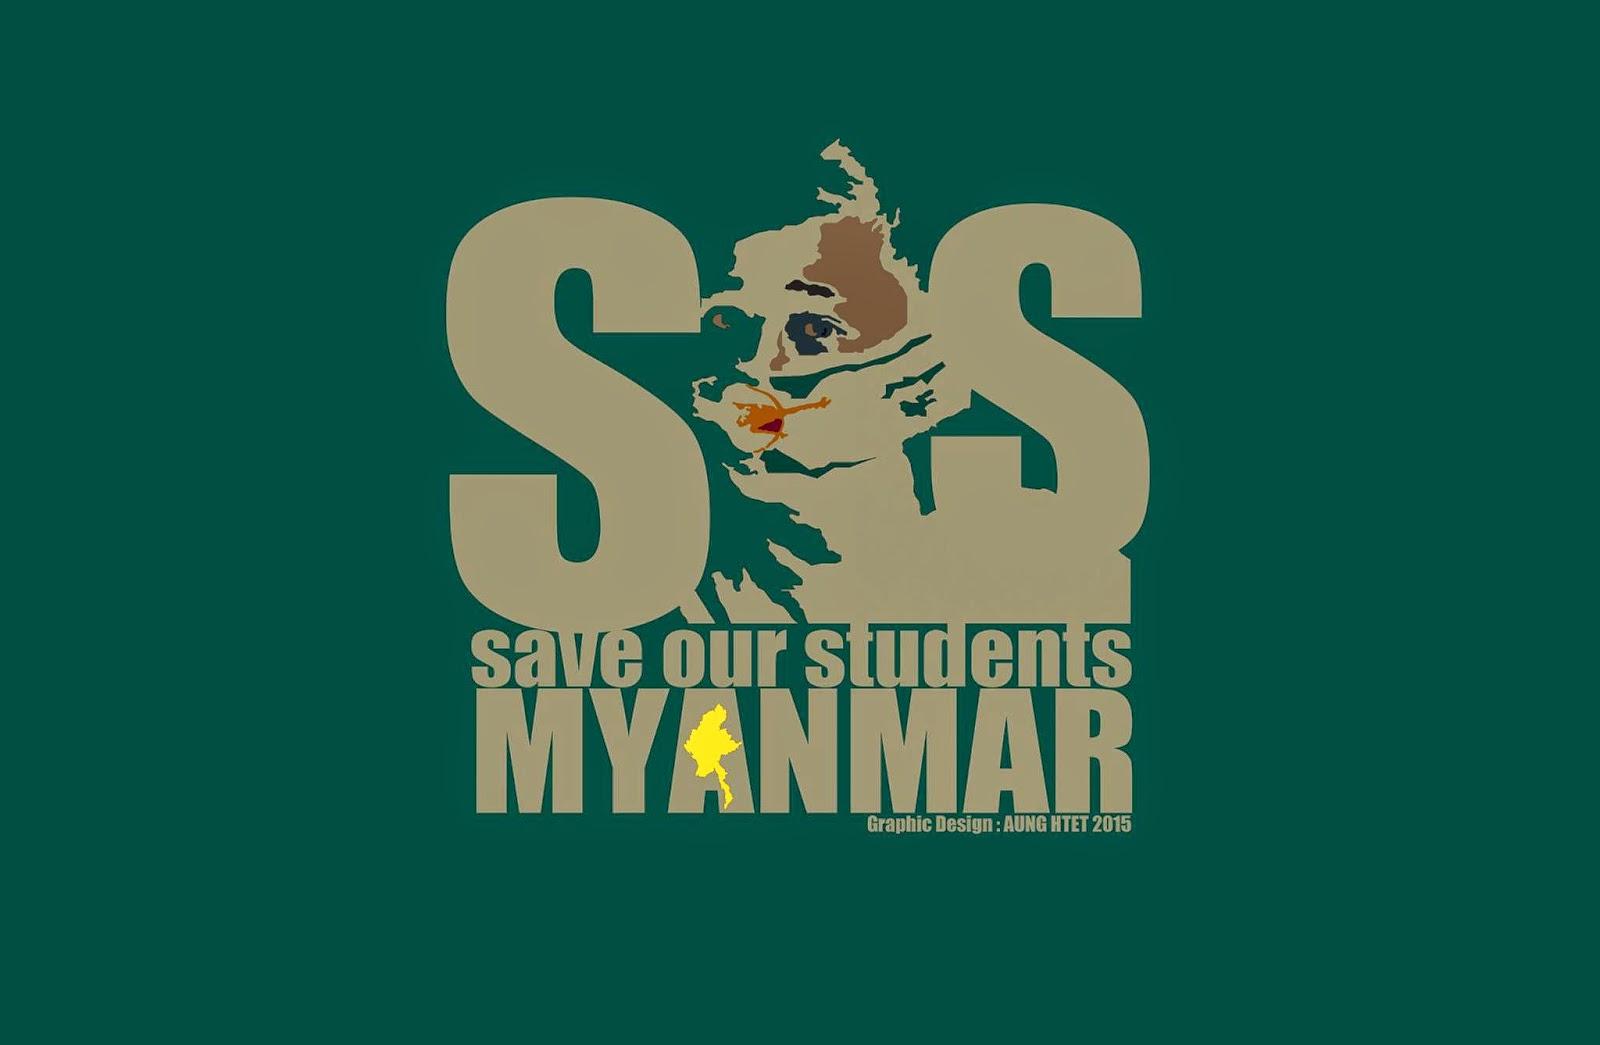 ပန္းခ်ီ ေအာင္ထက္ – SOS, Save our Students, Myanmar